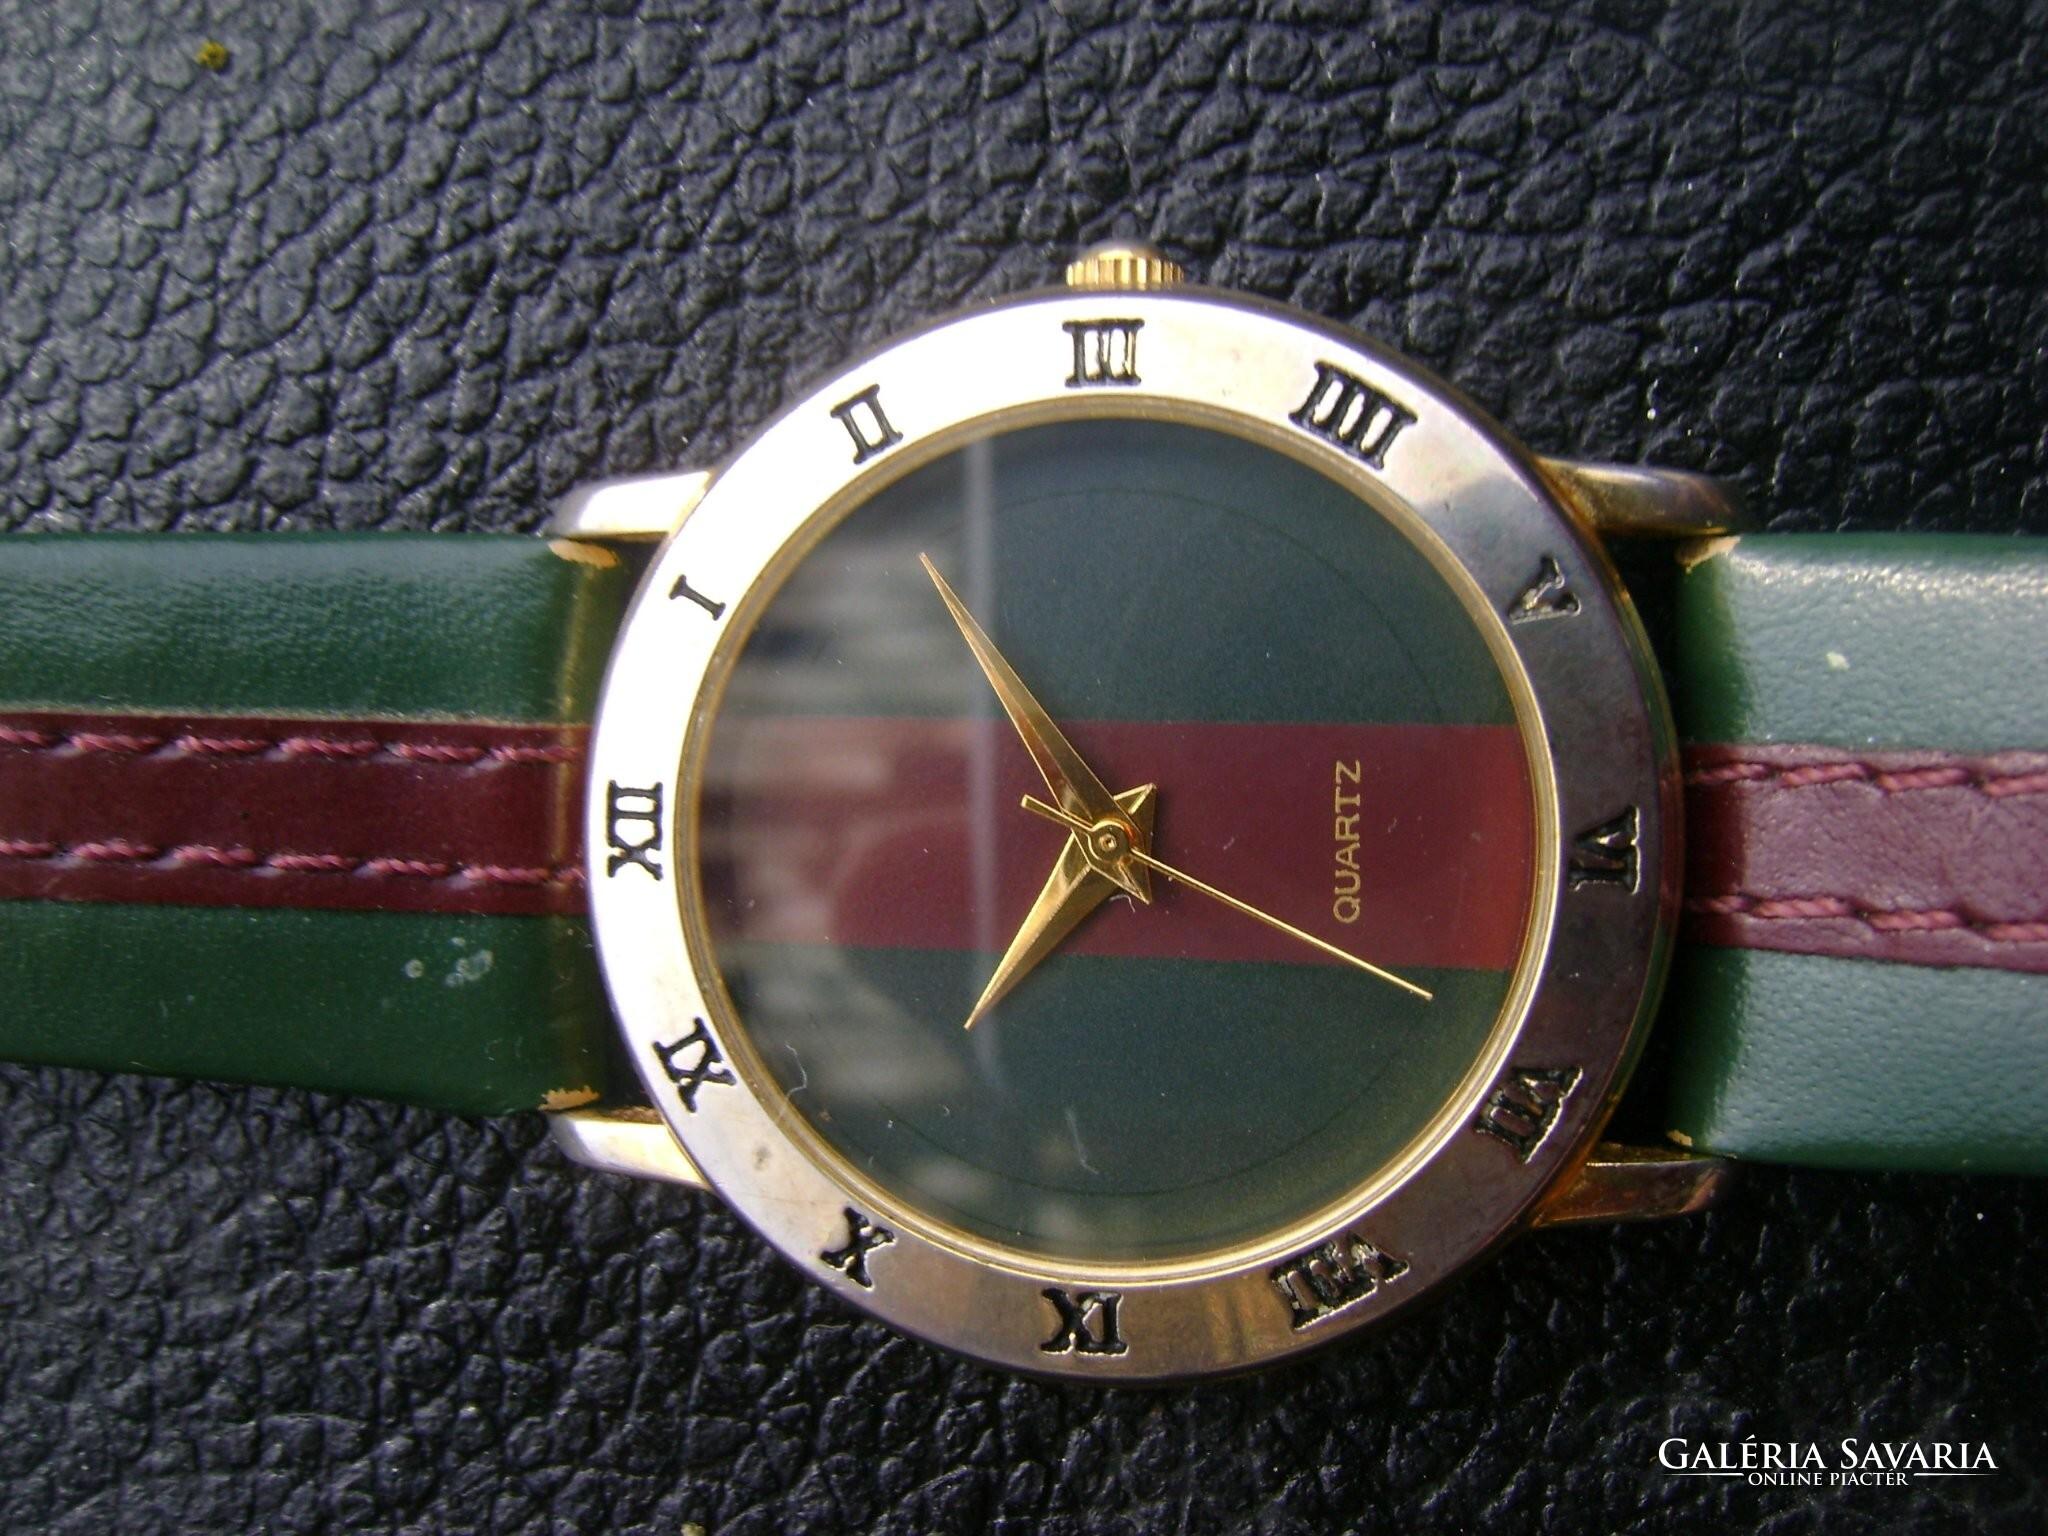 Cartier stilusú ffi öltöny óra nagyon szépen letisztult darab - Óra ... 3e740fa9a8